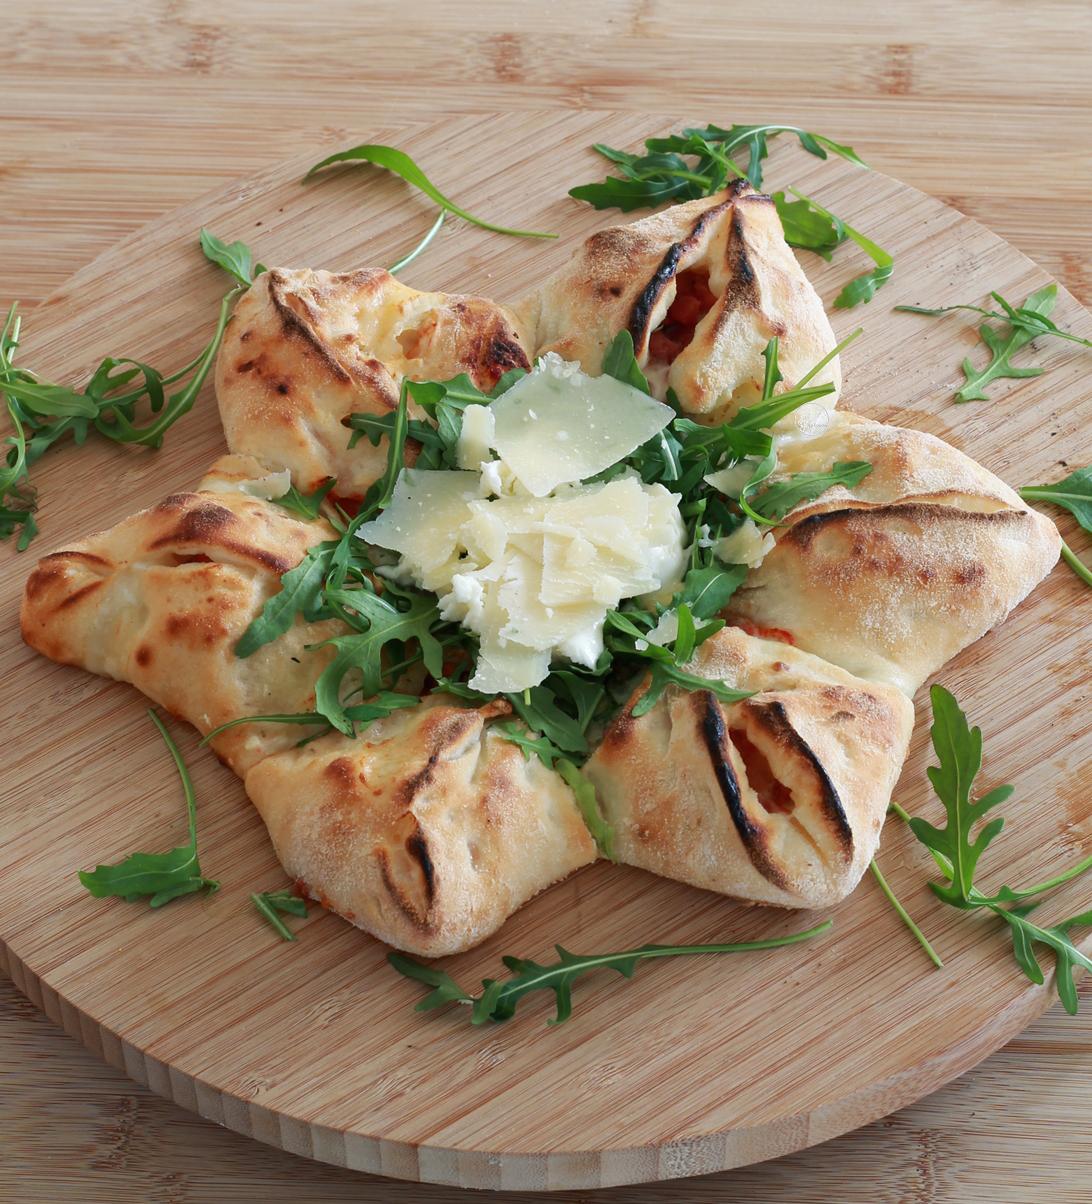 Pizza étoile sans gluten, la vidéo - La Cassata Celiaca